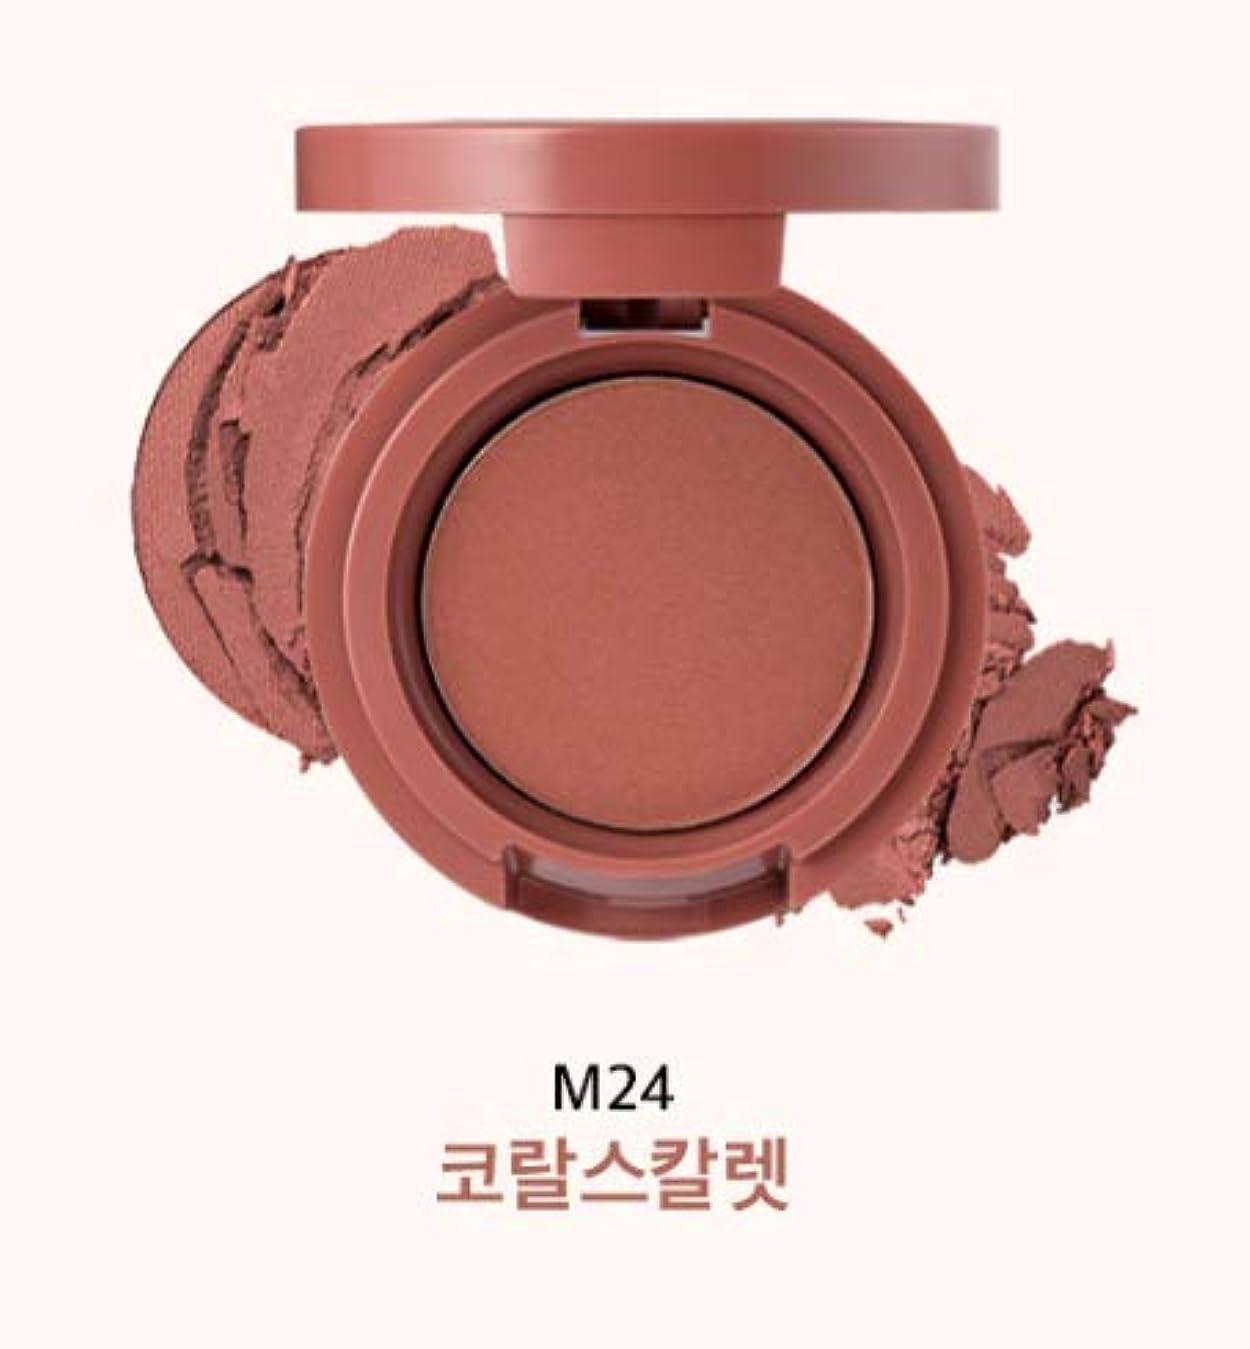 あいまい頬化粧【アリタウム.ARITAUM]モノアイズサンセットコレクション(1.5?1.8G)/ MONO EYES SUNSET COLLECTION (M24 CORAL SCARLETTE)